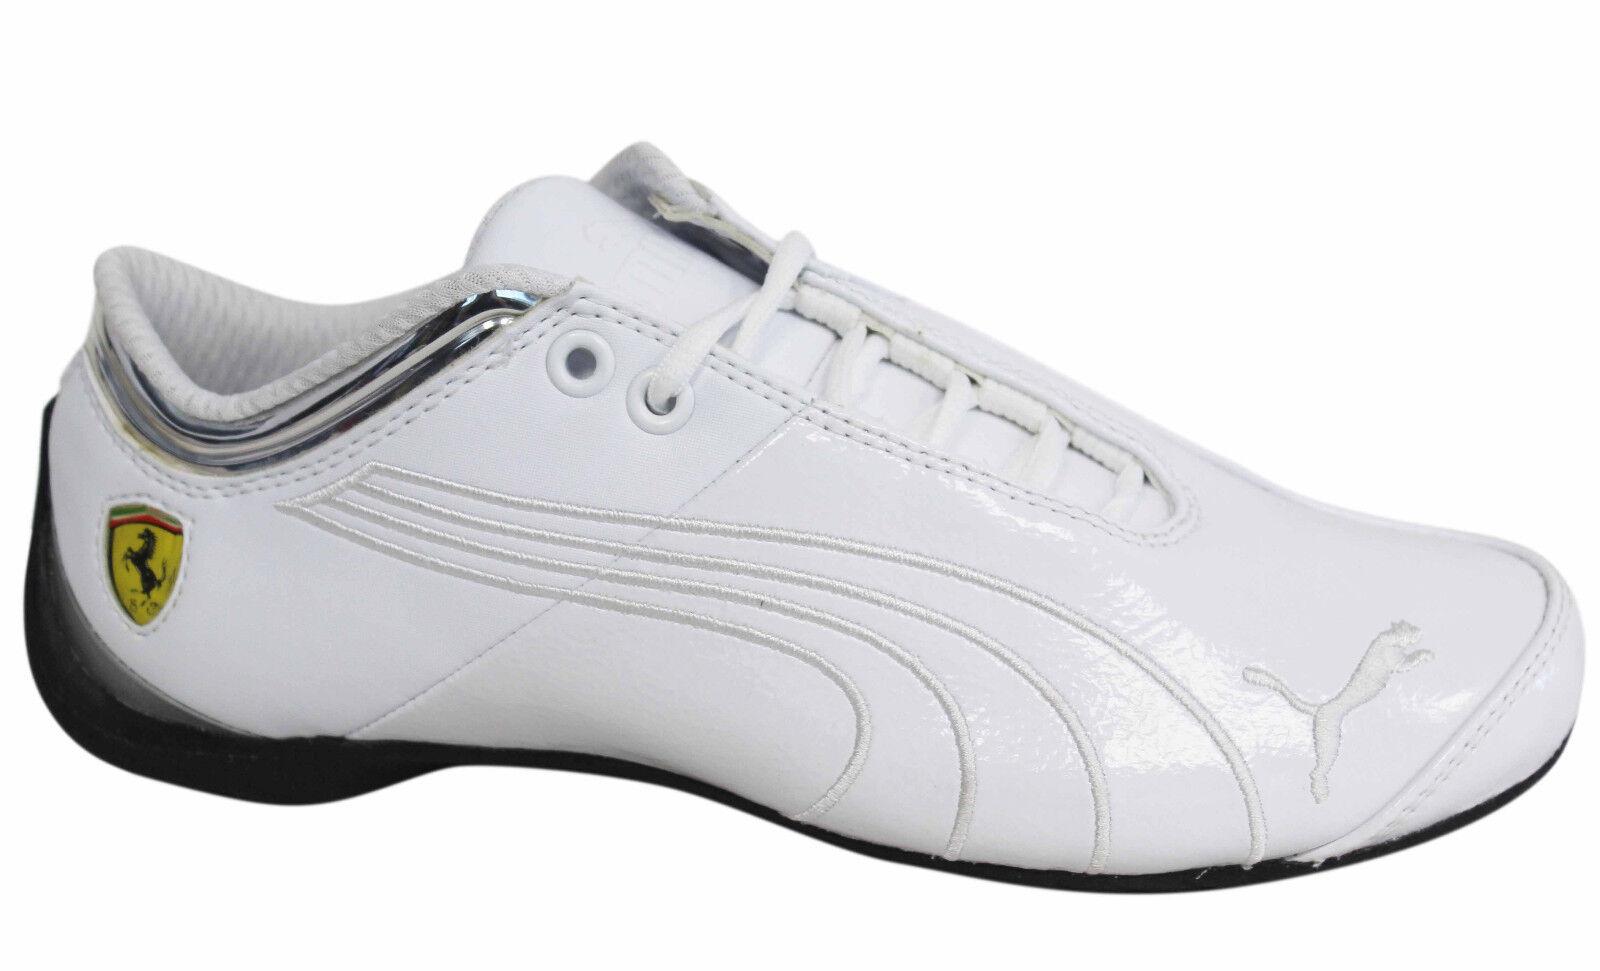 Puma Future Cat Up SF Ferrari M1 Lace Up Cat Mens White Leather Trainers 303226 02 U96 6a234a